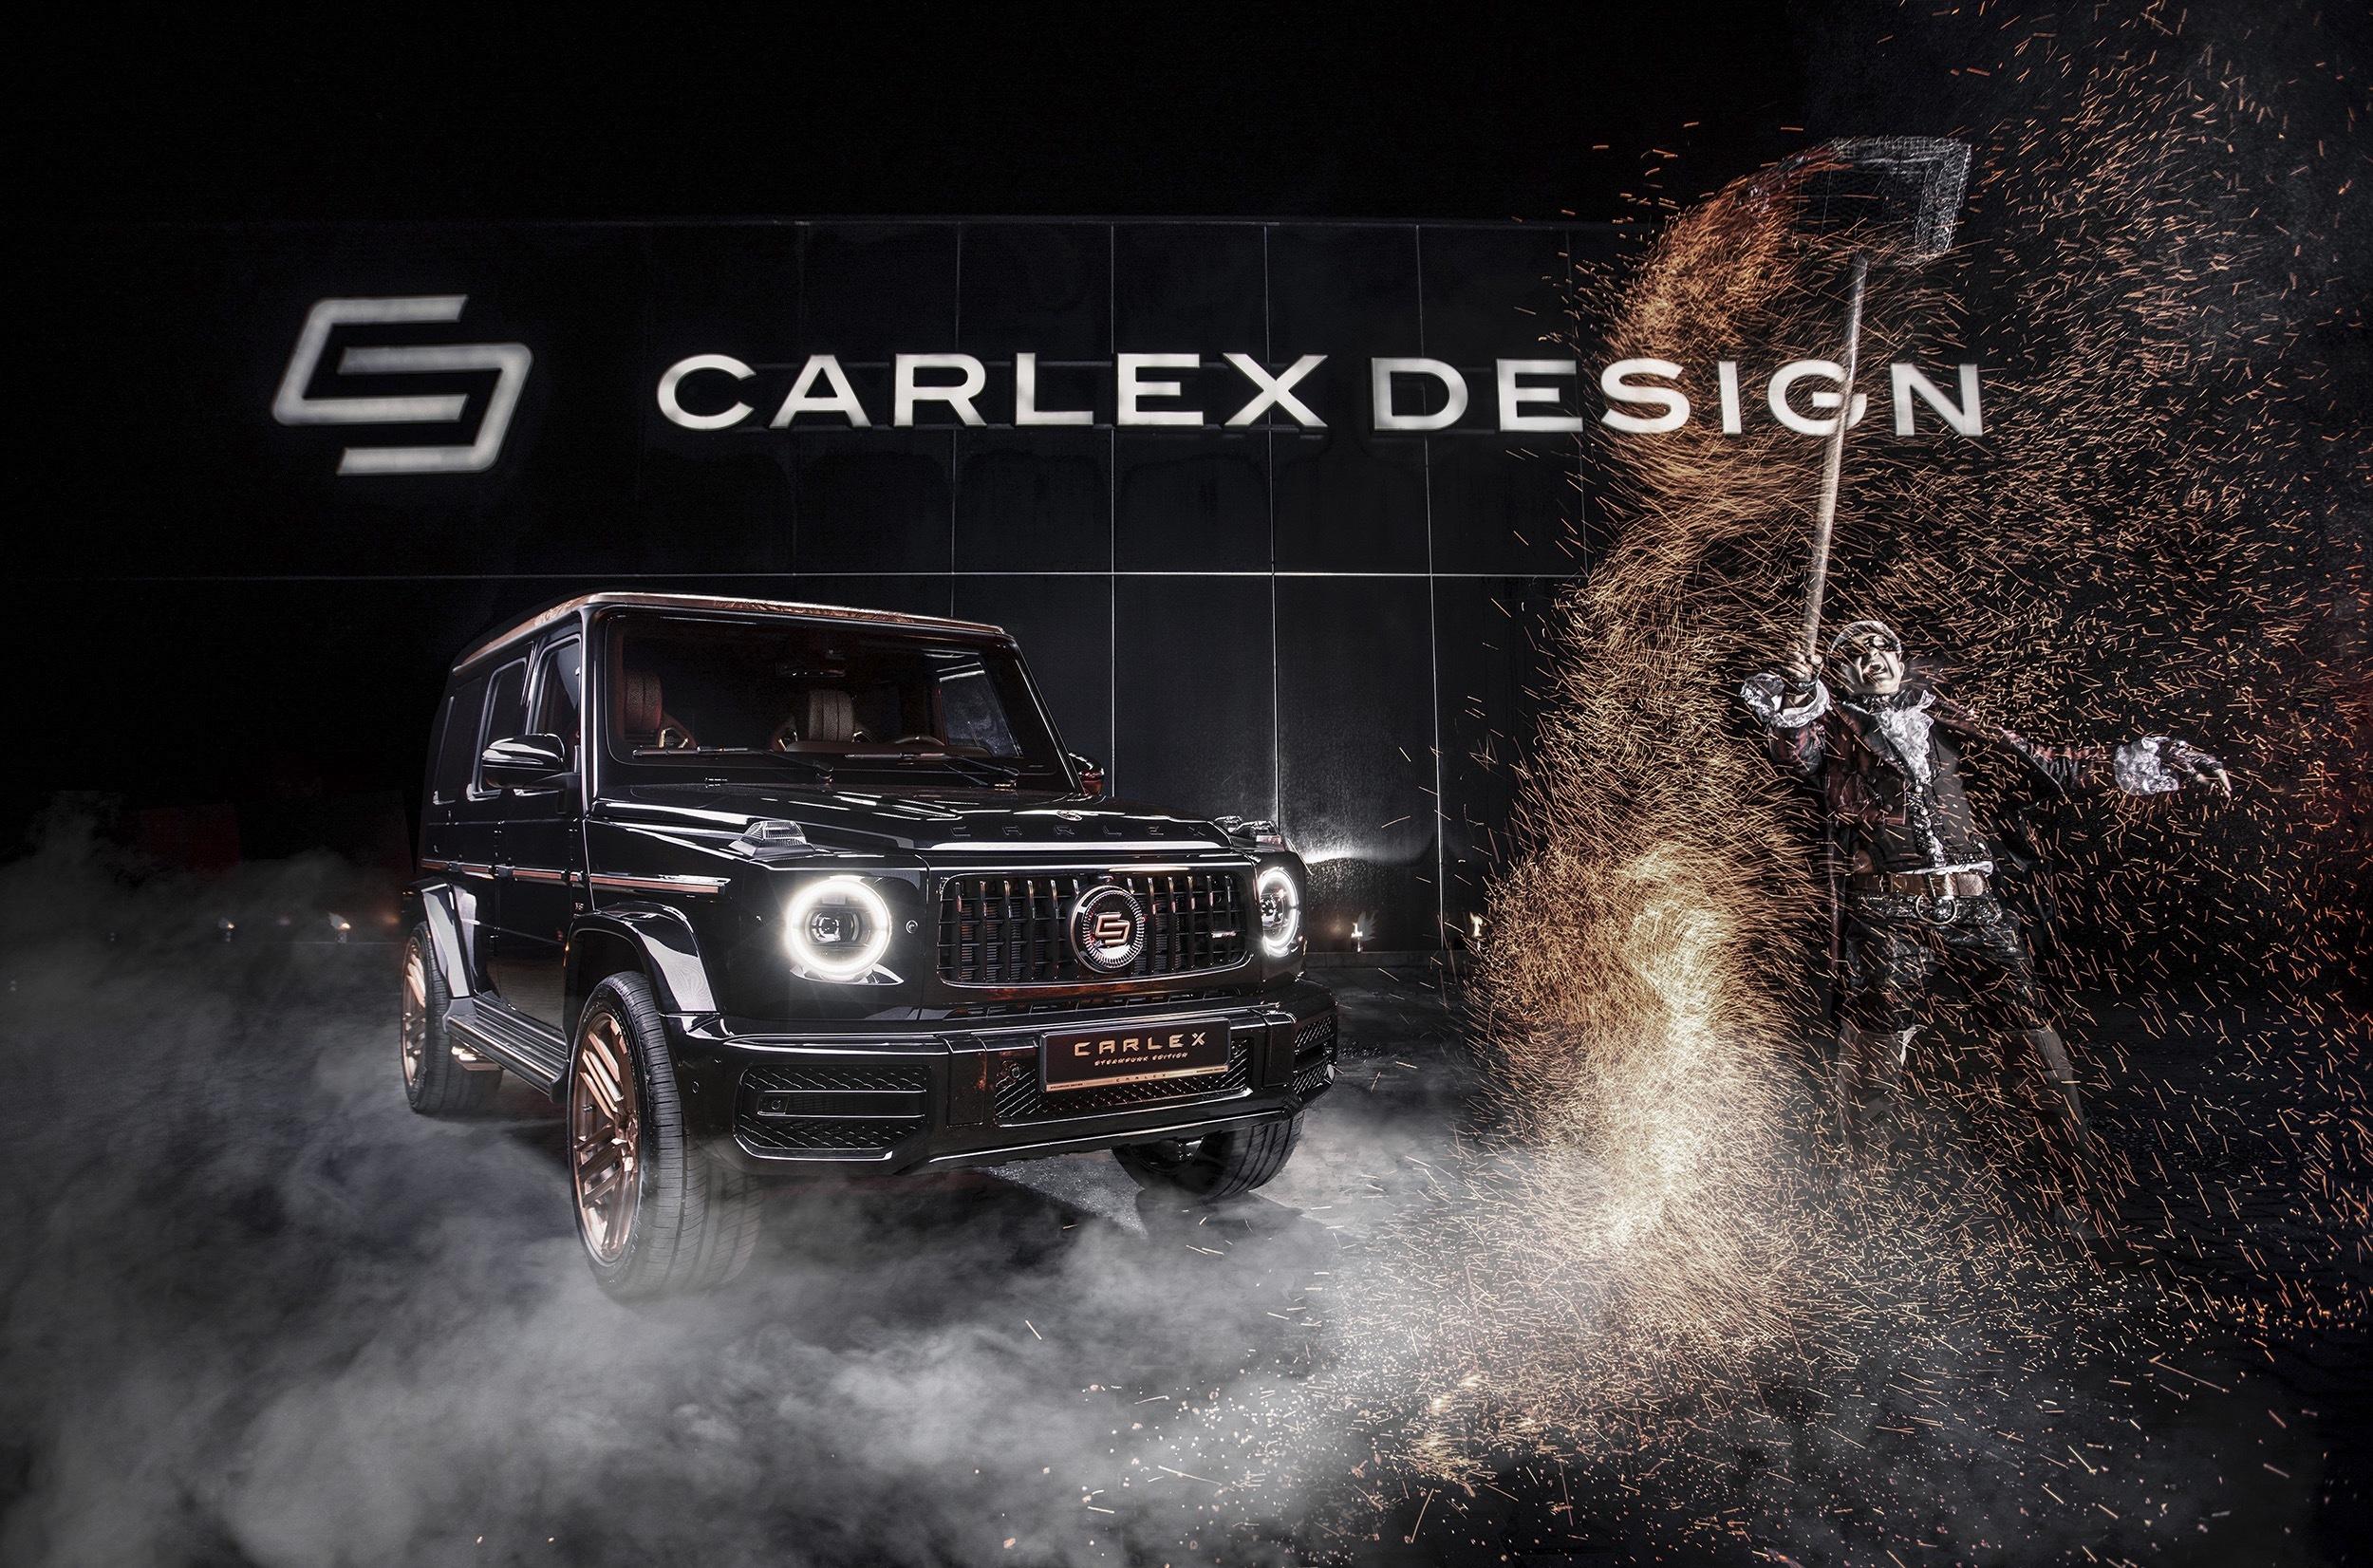 Польские мастера из Carlex Design представили Mercedes-AMG G 63 в эксклюзивном исполнении Steampunk Edition. Внедорожник получил медную накладку на крышу и салон с деревянным полом и декором из золота, кожи и замши. Всего таких машин выпустят 10 штук, на постройку каждого требуется не меньше 5200 часов.